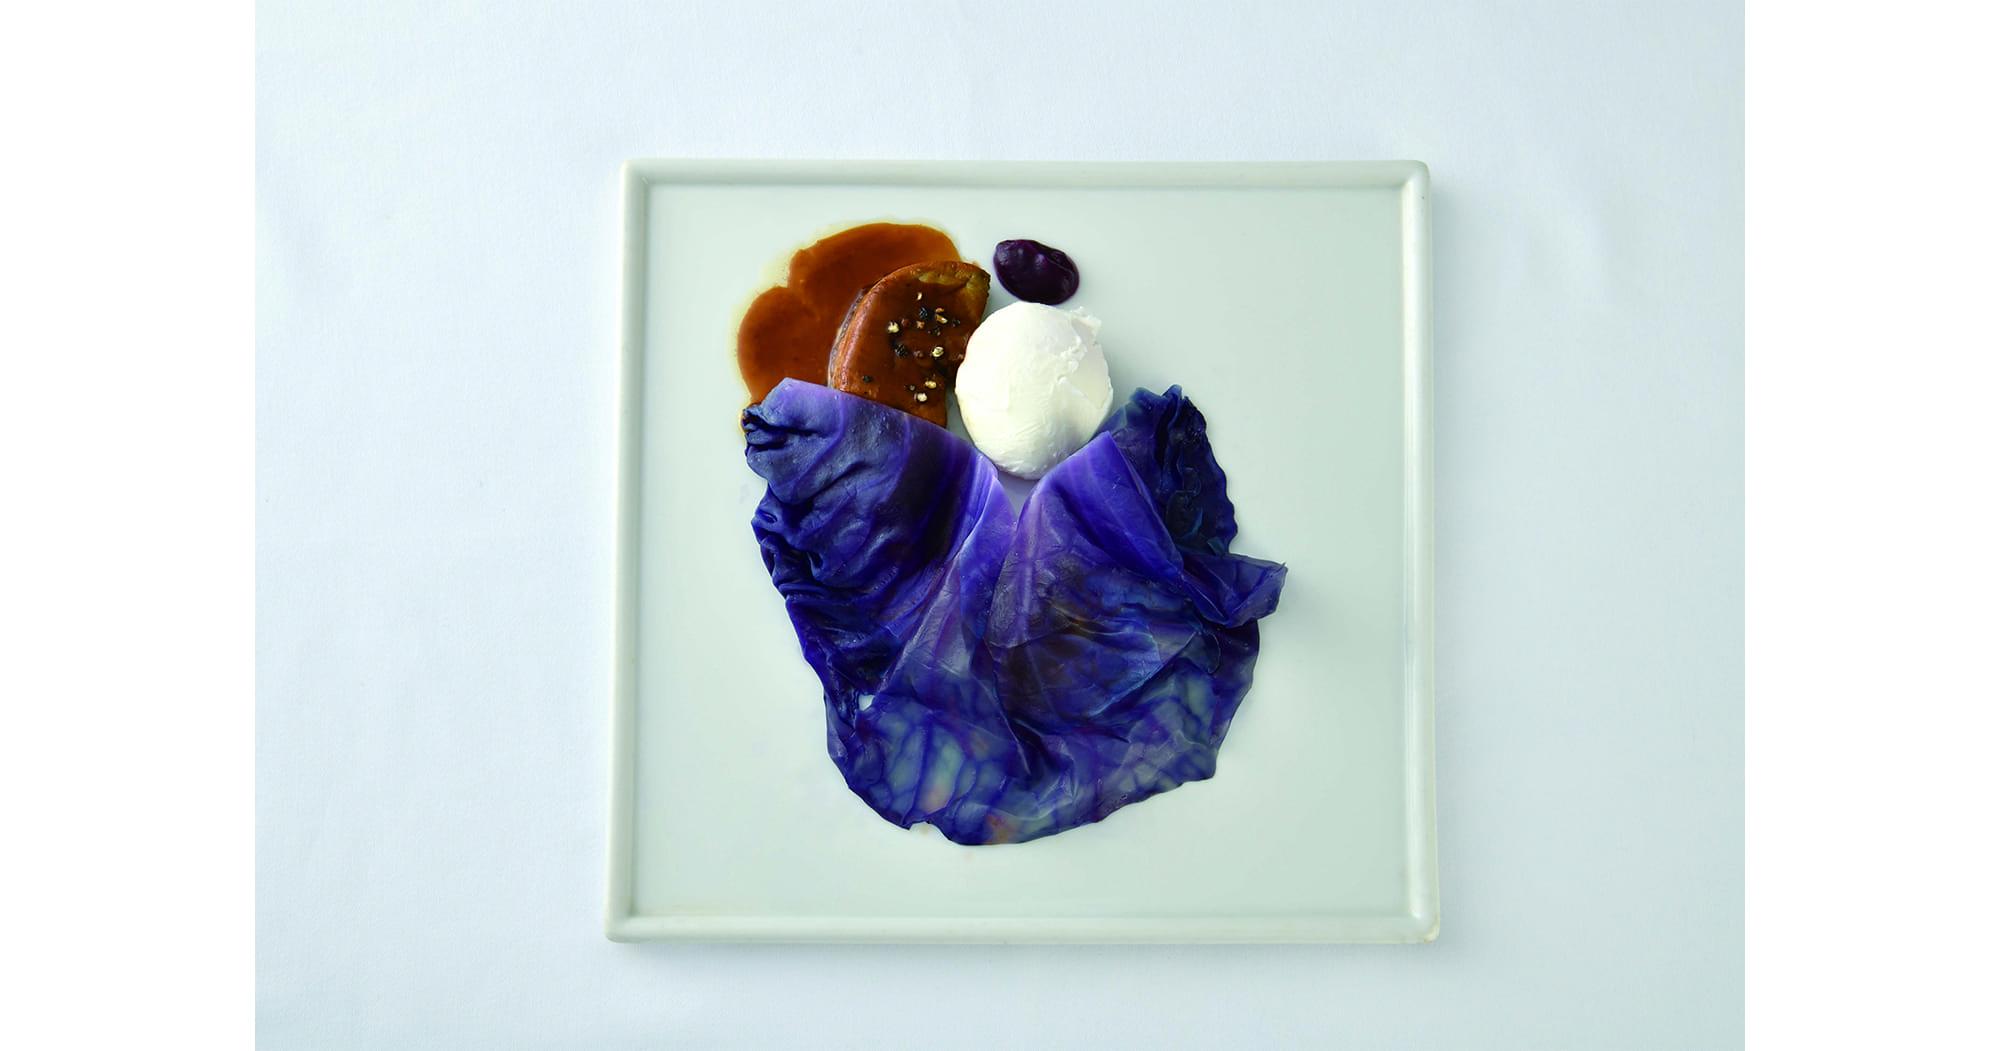 前菜はシニェイ・メルシェ・パール《紫のドレスの婦人》を表現した「鴨フォアグラのポワレ 紫いものピューレと紫きゃべつのエチュベ ポーチドエッグ ソース・ポルト」。